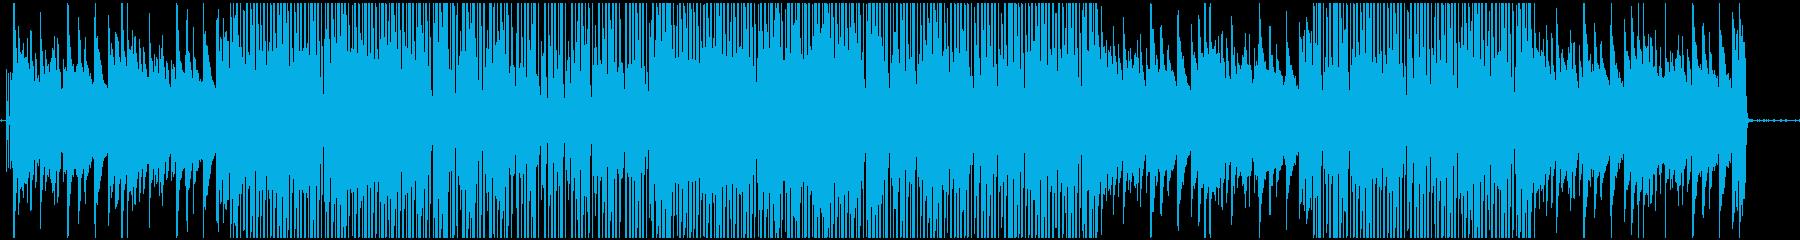 ジャジーで渋い大人のヒップホップの再生済みの波形